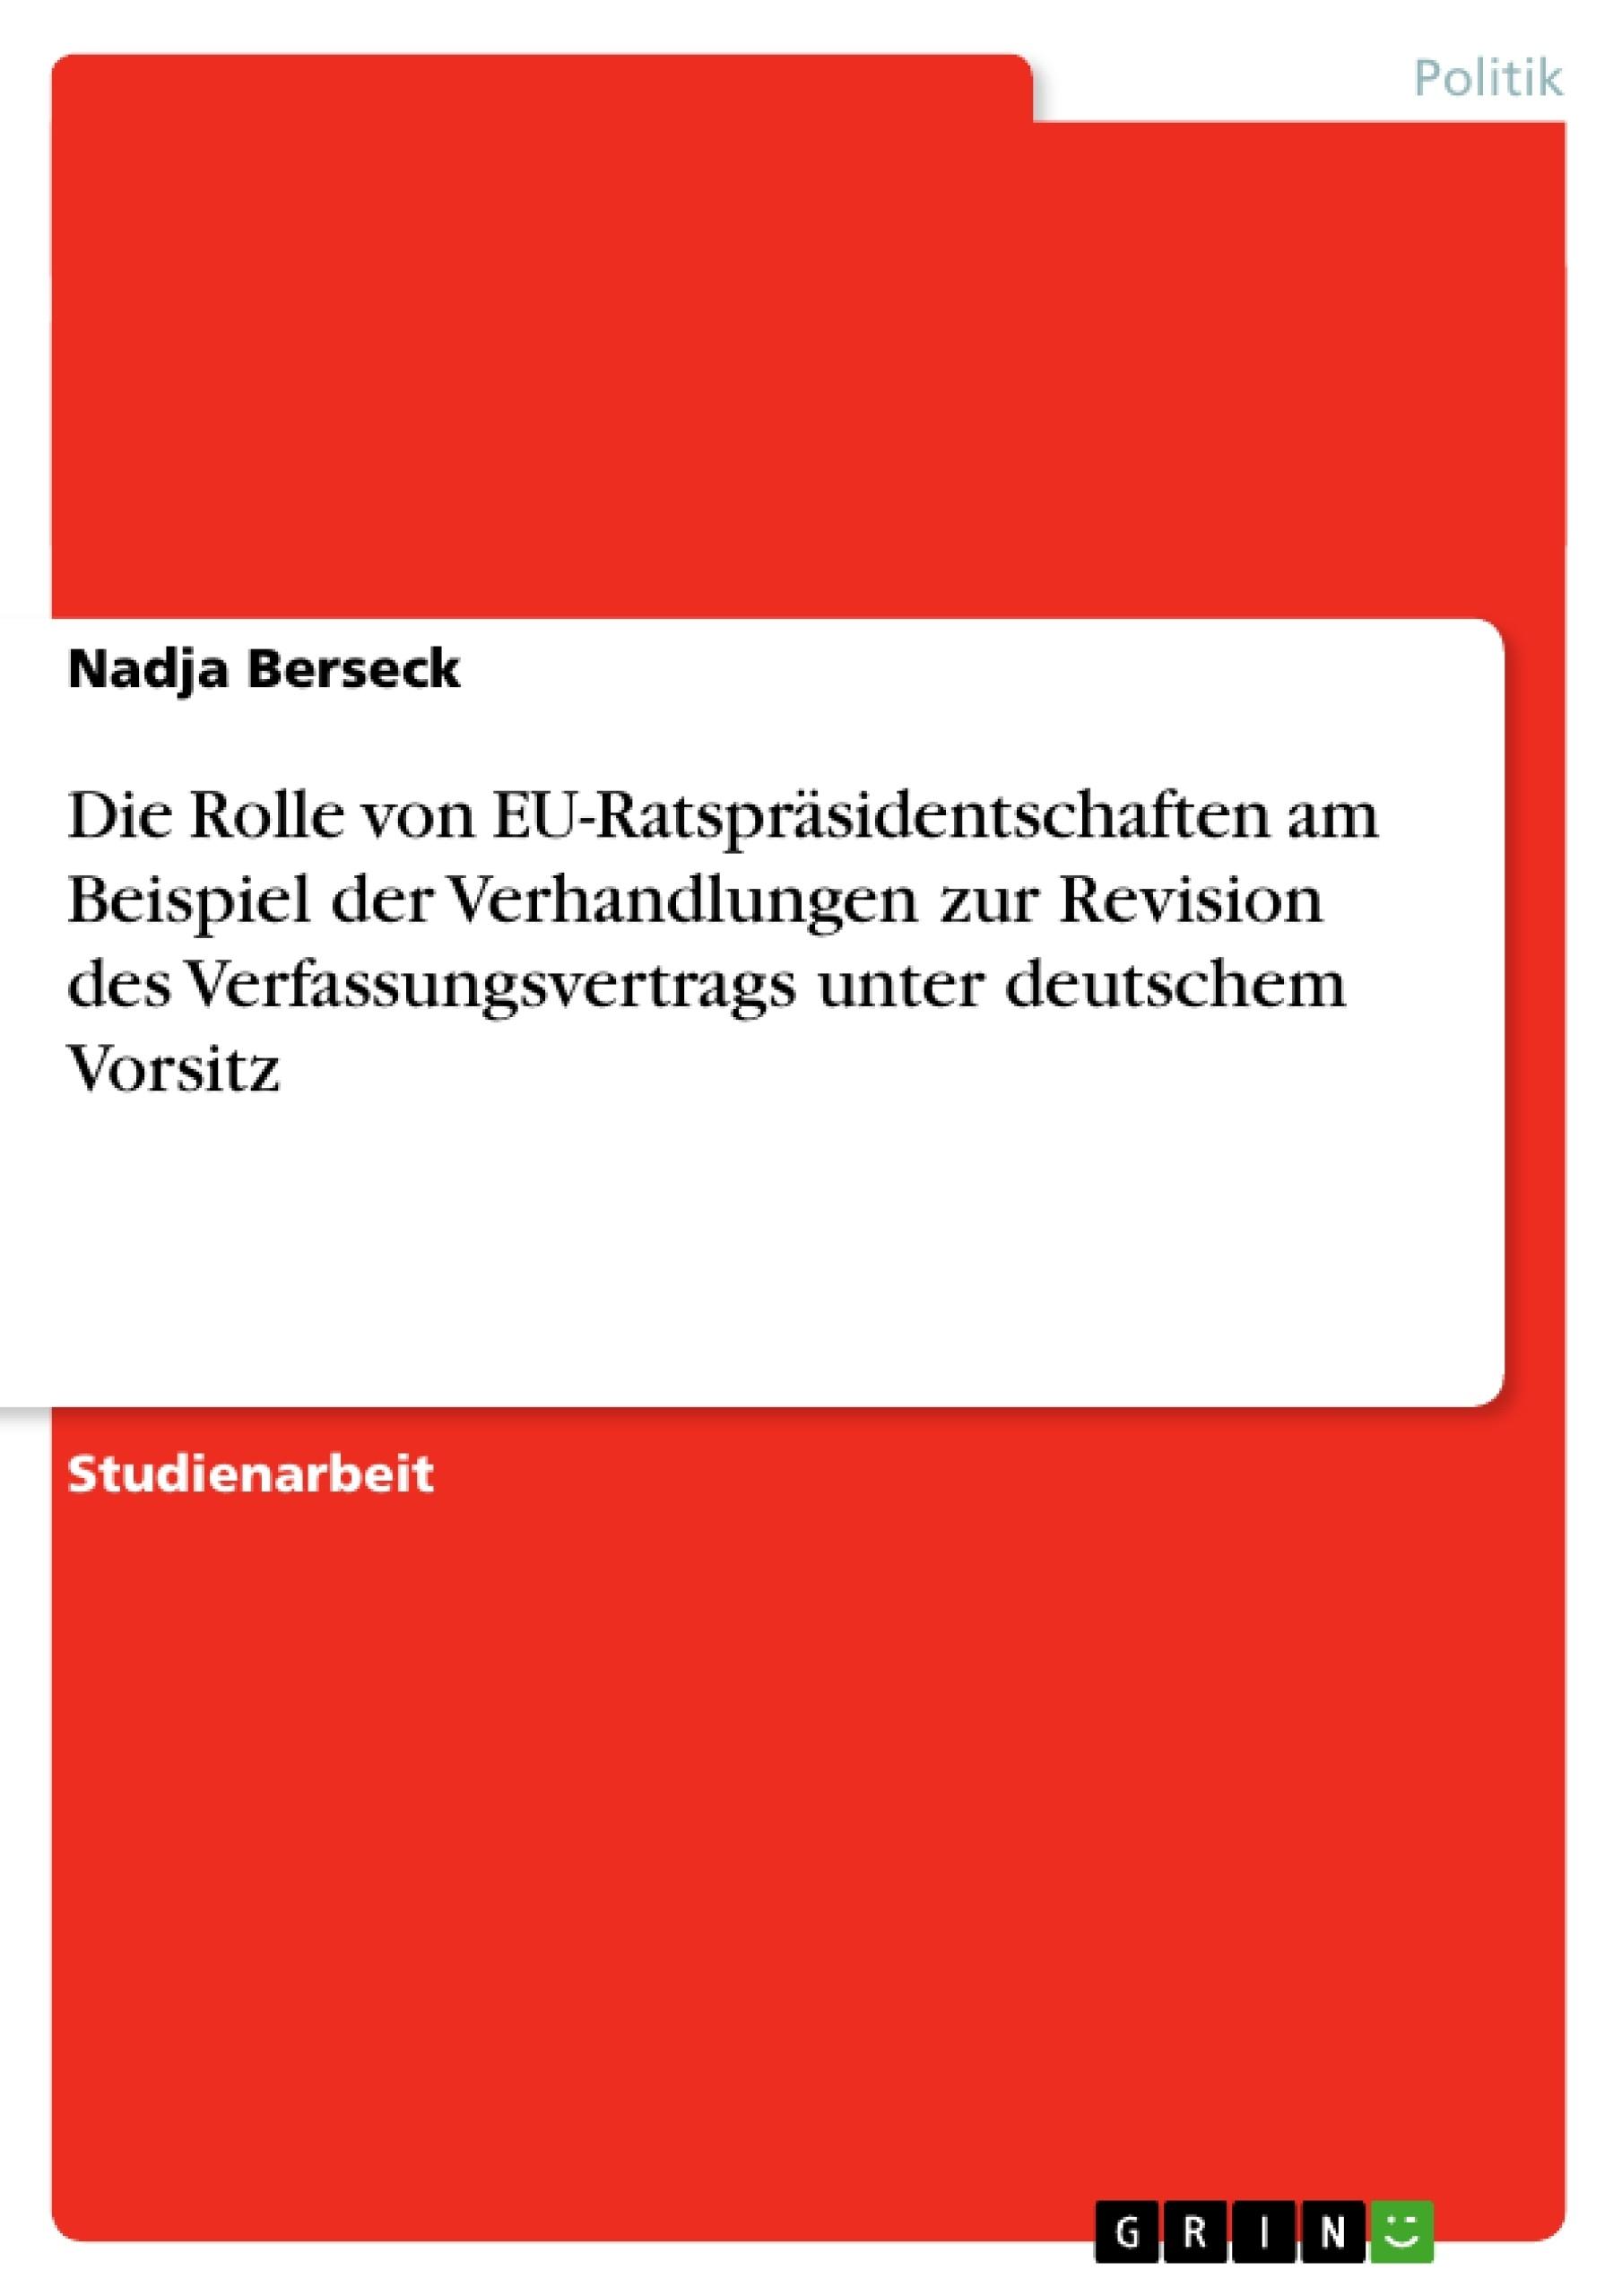 Titel: Die Rolle von EU-Ratspräsidentschaften am Beispiel der Verhandlungen zur Revision des Verfassungsvertrags unter deutschem Vorsitz